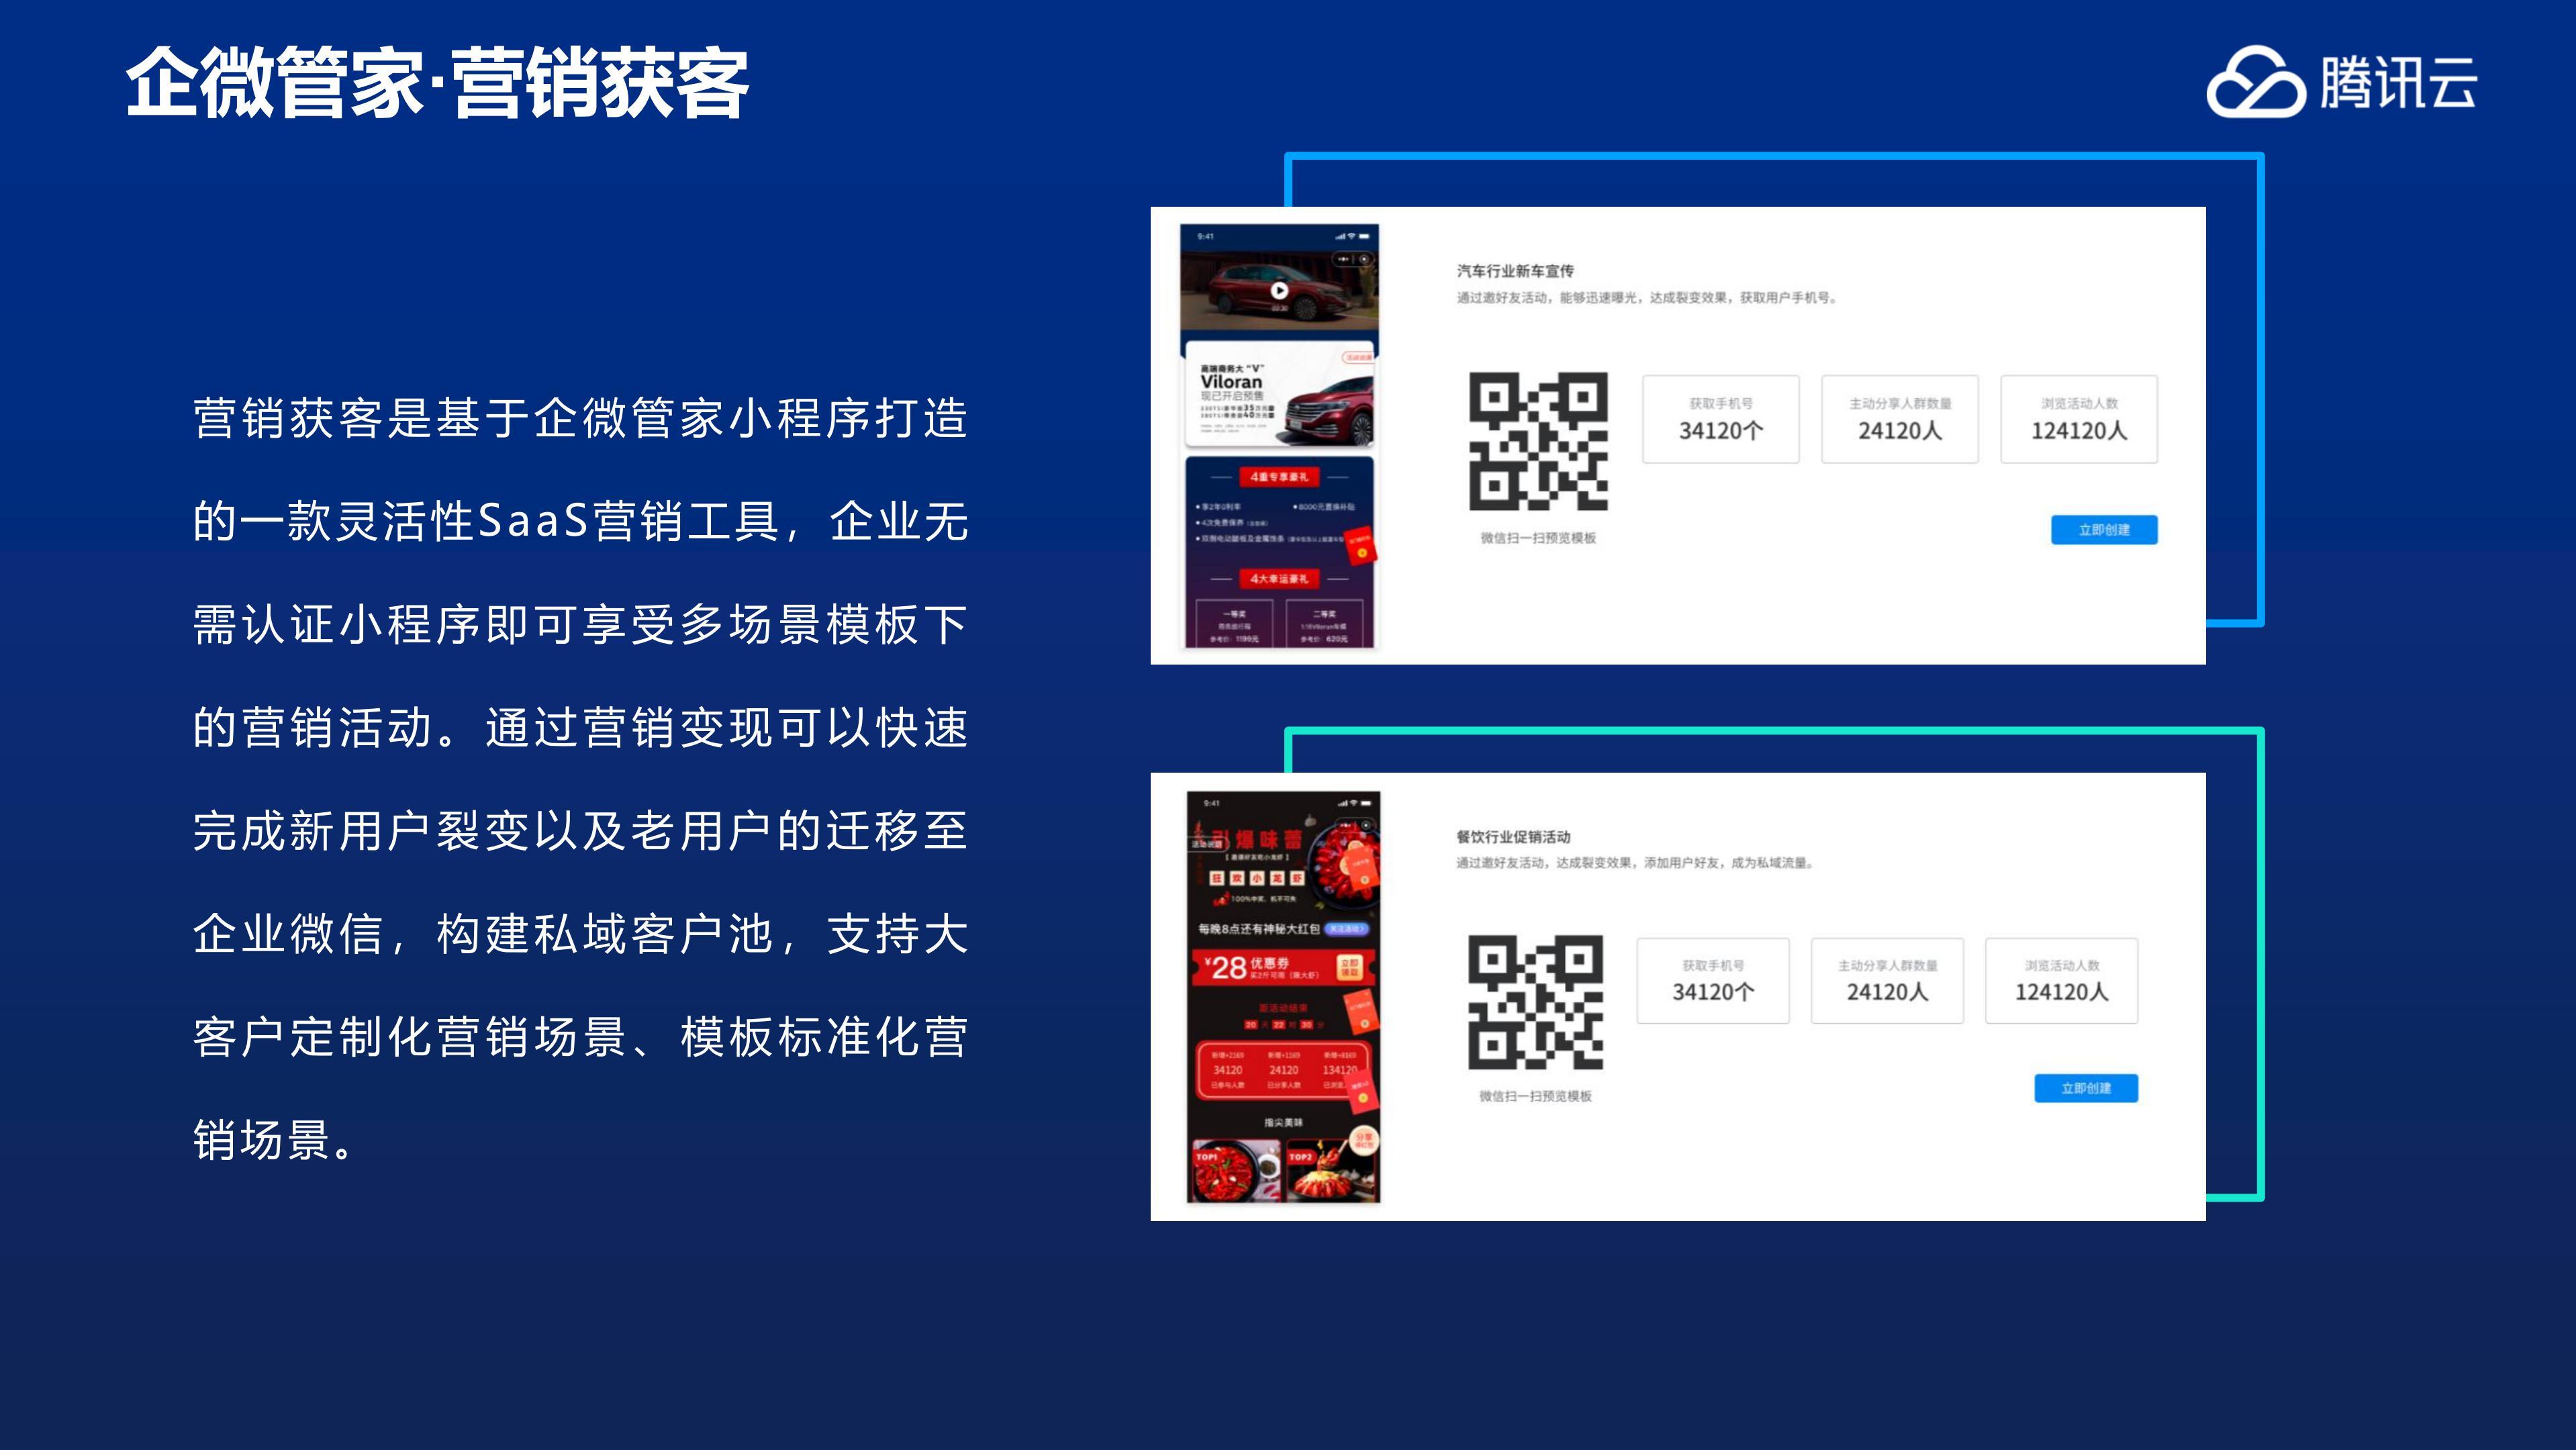 腾讯云企微管家产品介绍_22.jpg